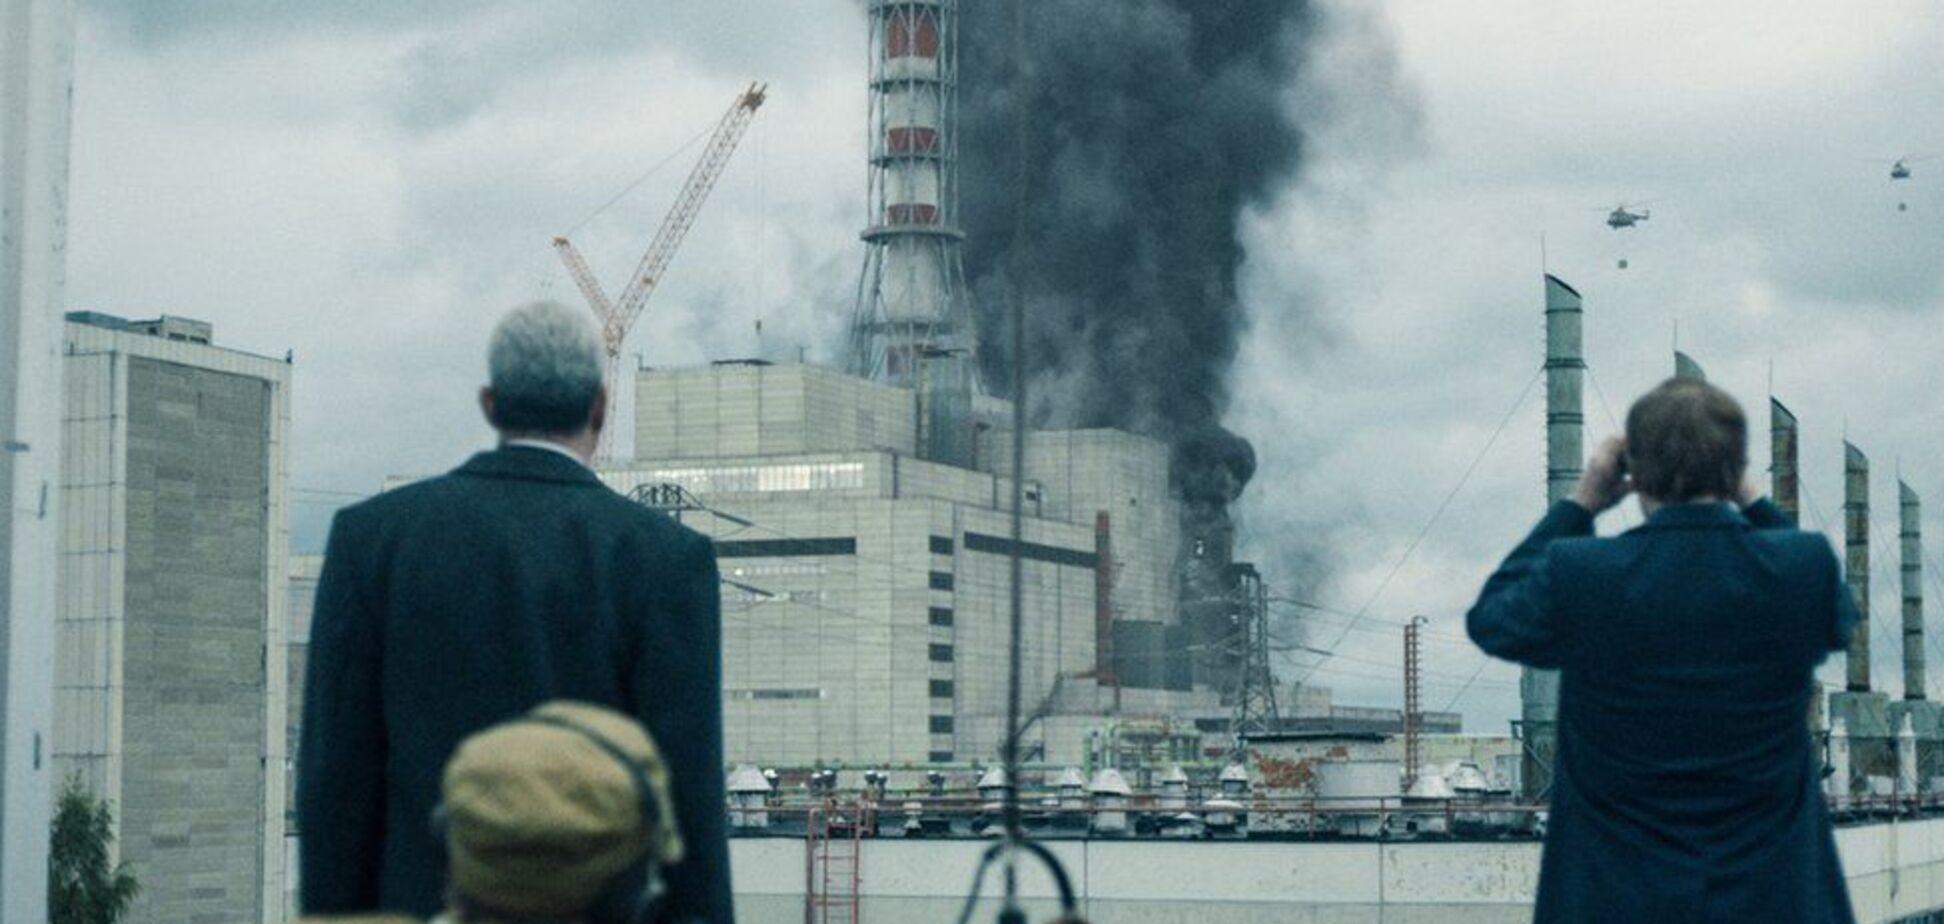 Вийшла перша серія серіалу 'Чорнобиль' від HBO: де дивитися онлайн